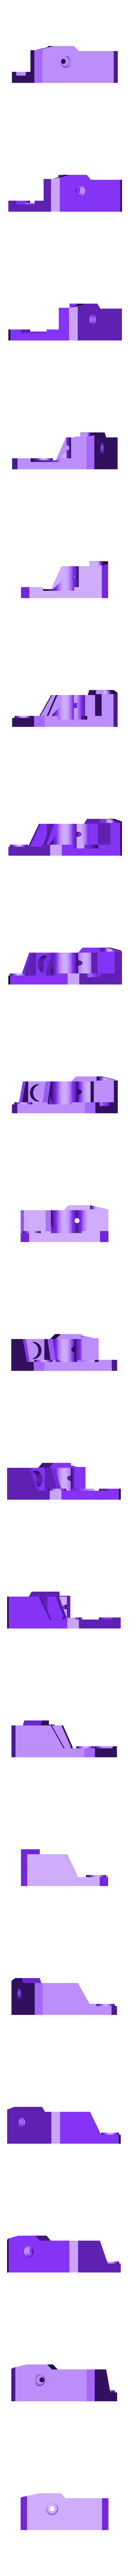 m6CR10fitting.stl Télécharger fichier STL gratuit Extrudeuse Ultimate creality cr10 (happy edition) (filaments flexibles) • Design à imprimer en 3D, raffosan